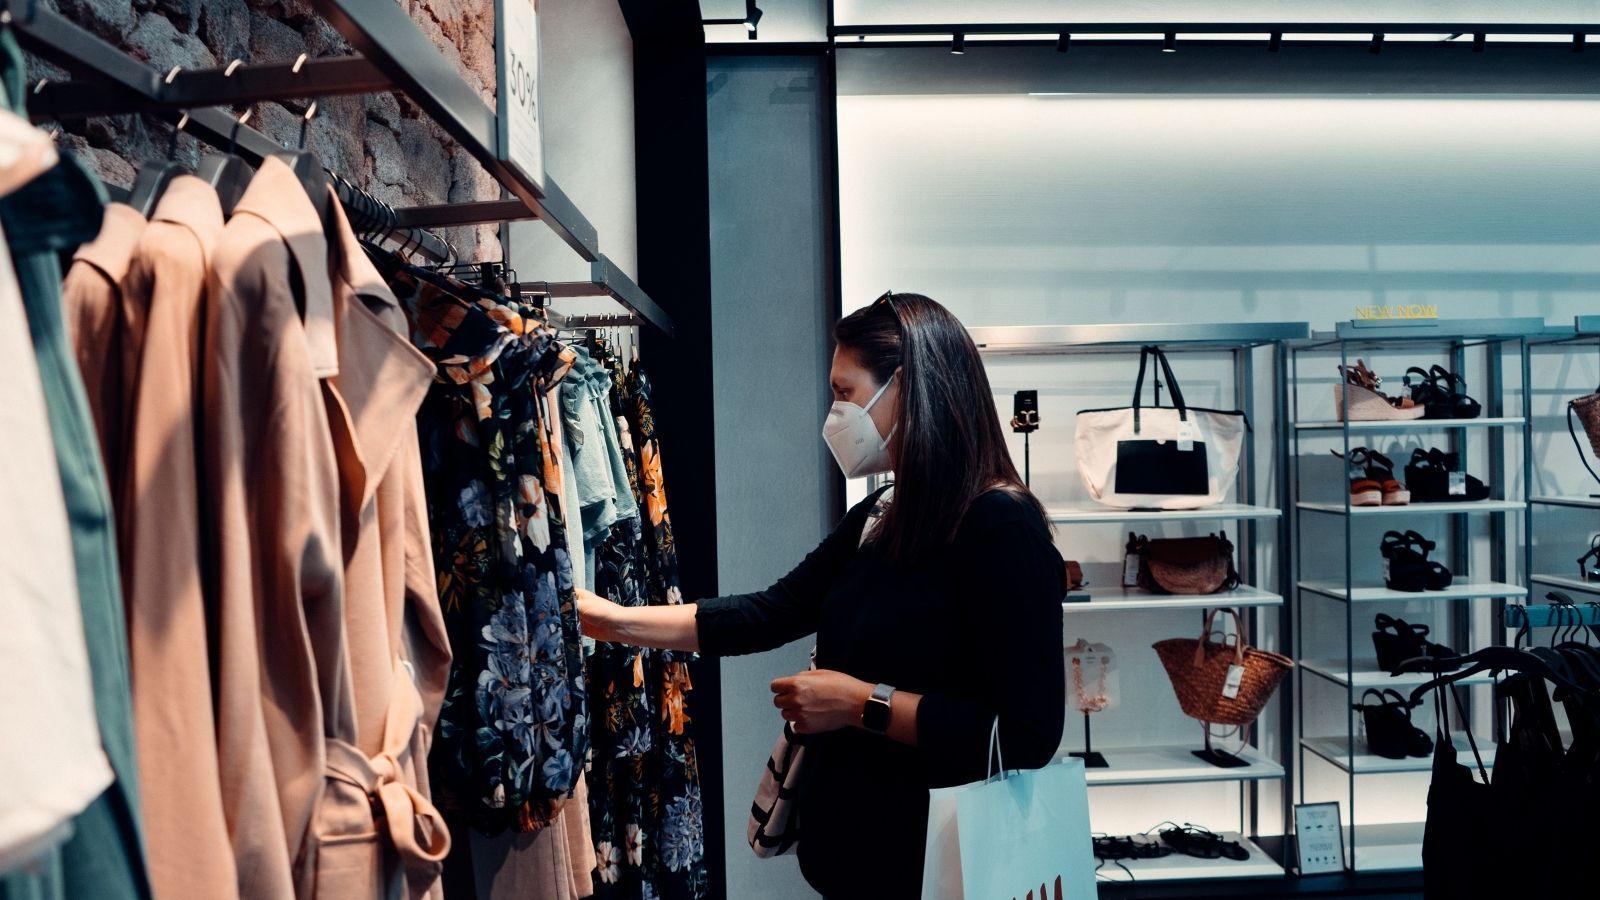 Jak pandemia wpłynęła na postawy konsumenckie oraz proces zakupowy? [RAPORT] pandemia mediarun consumer